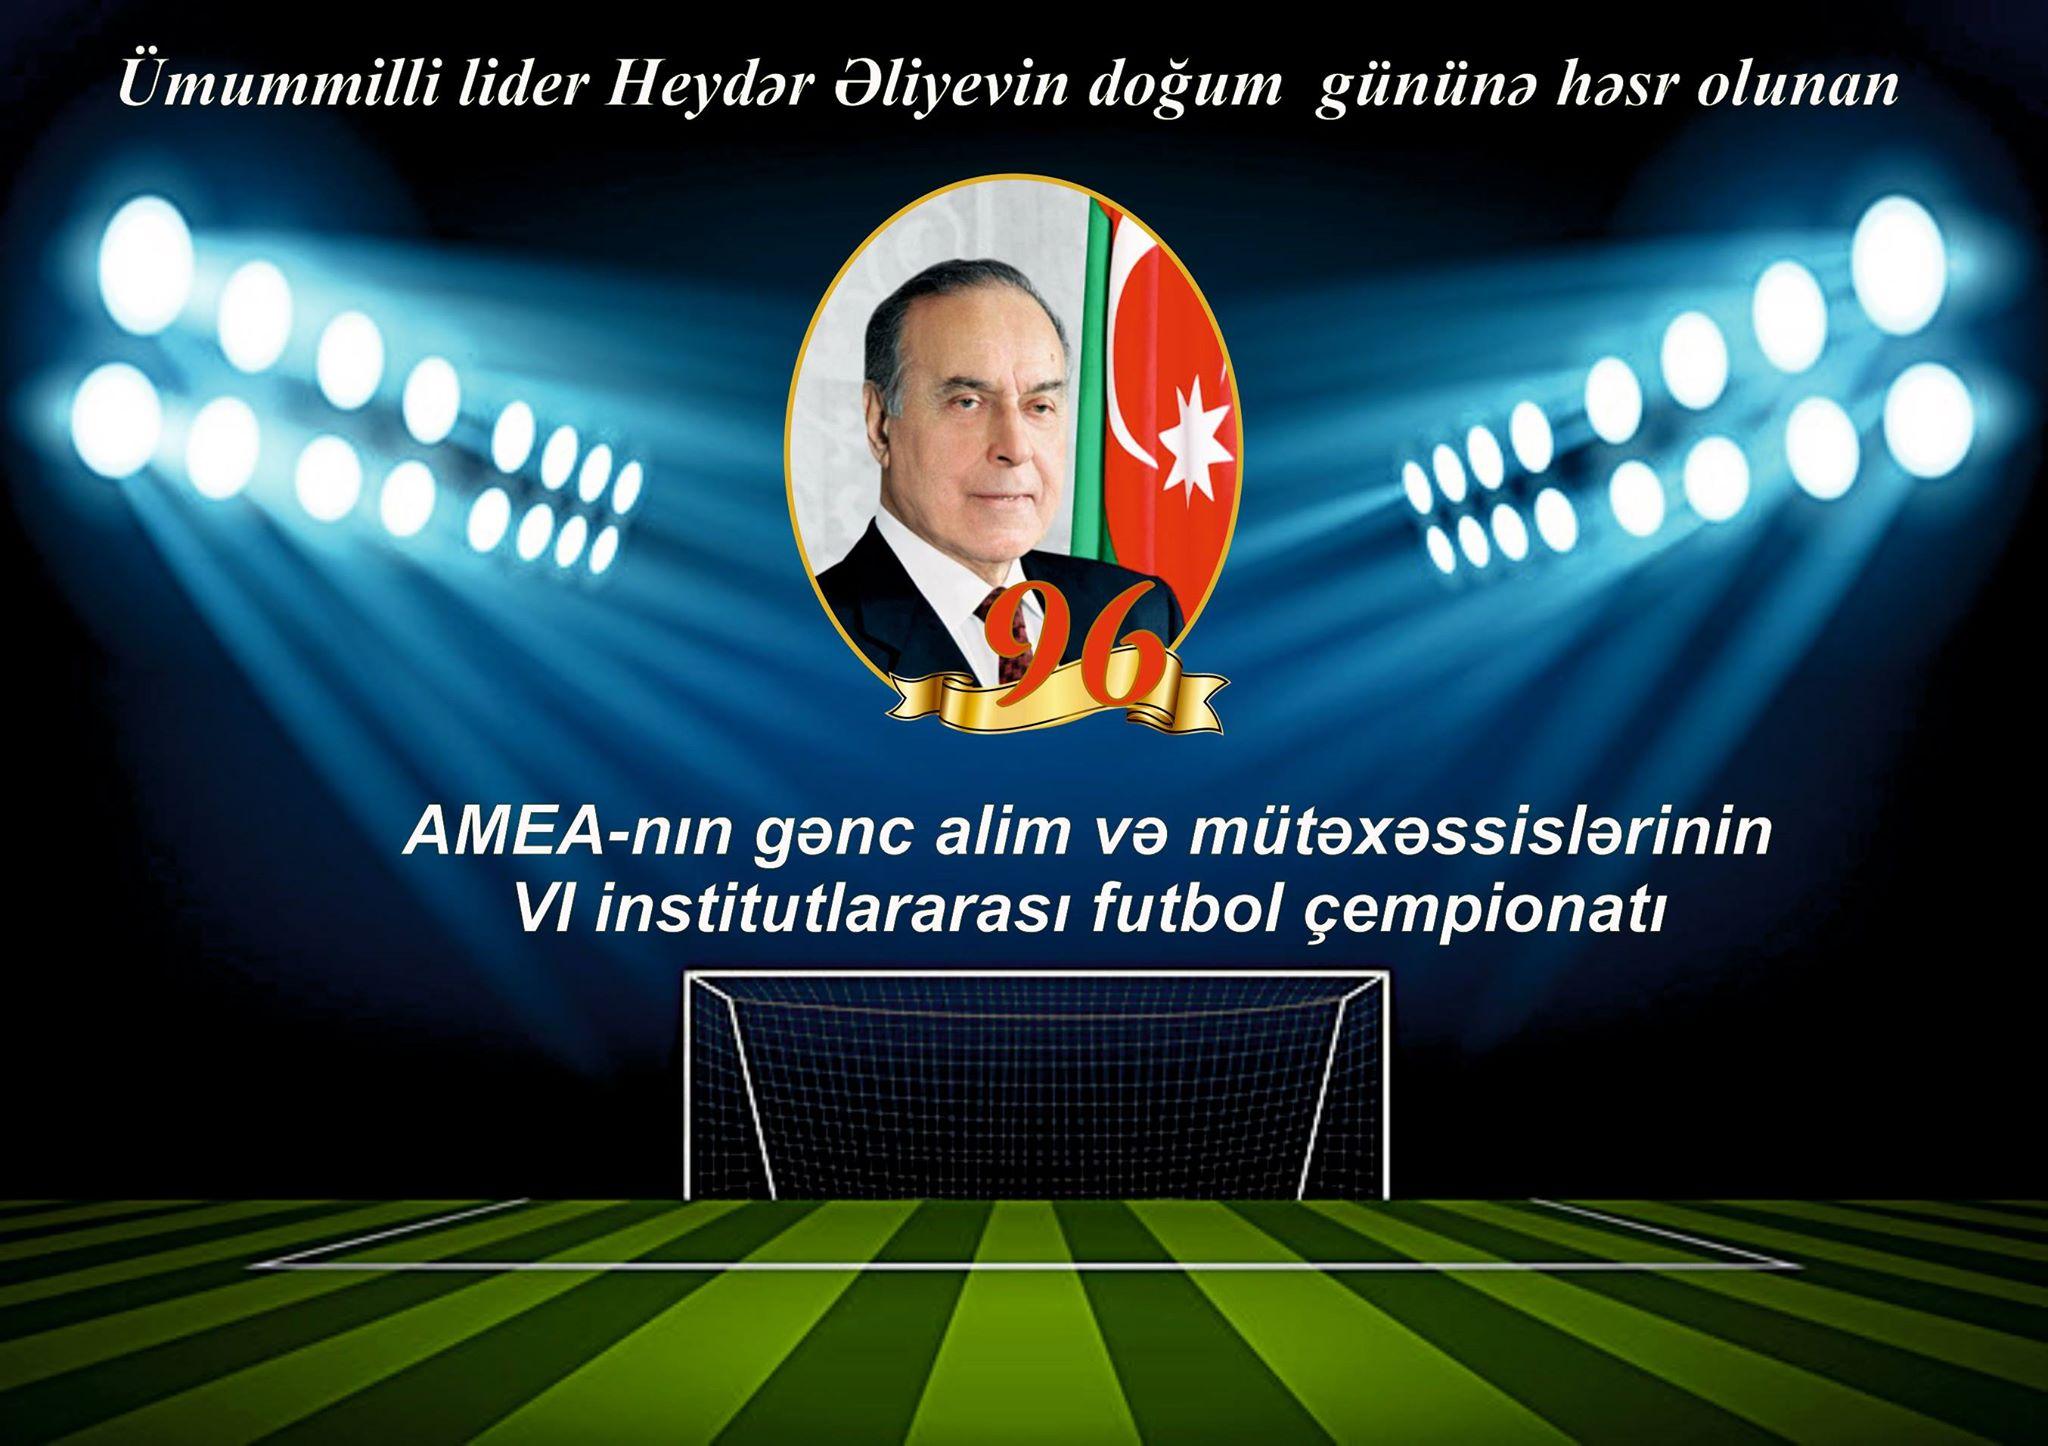 AMEA Gənc Alim və Mütəxəssislərin VI İnstitutlararası Futbol Çempionatının II turunun oyunları keçirilib